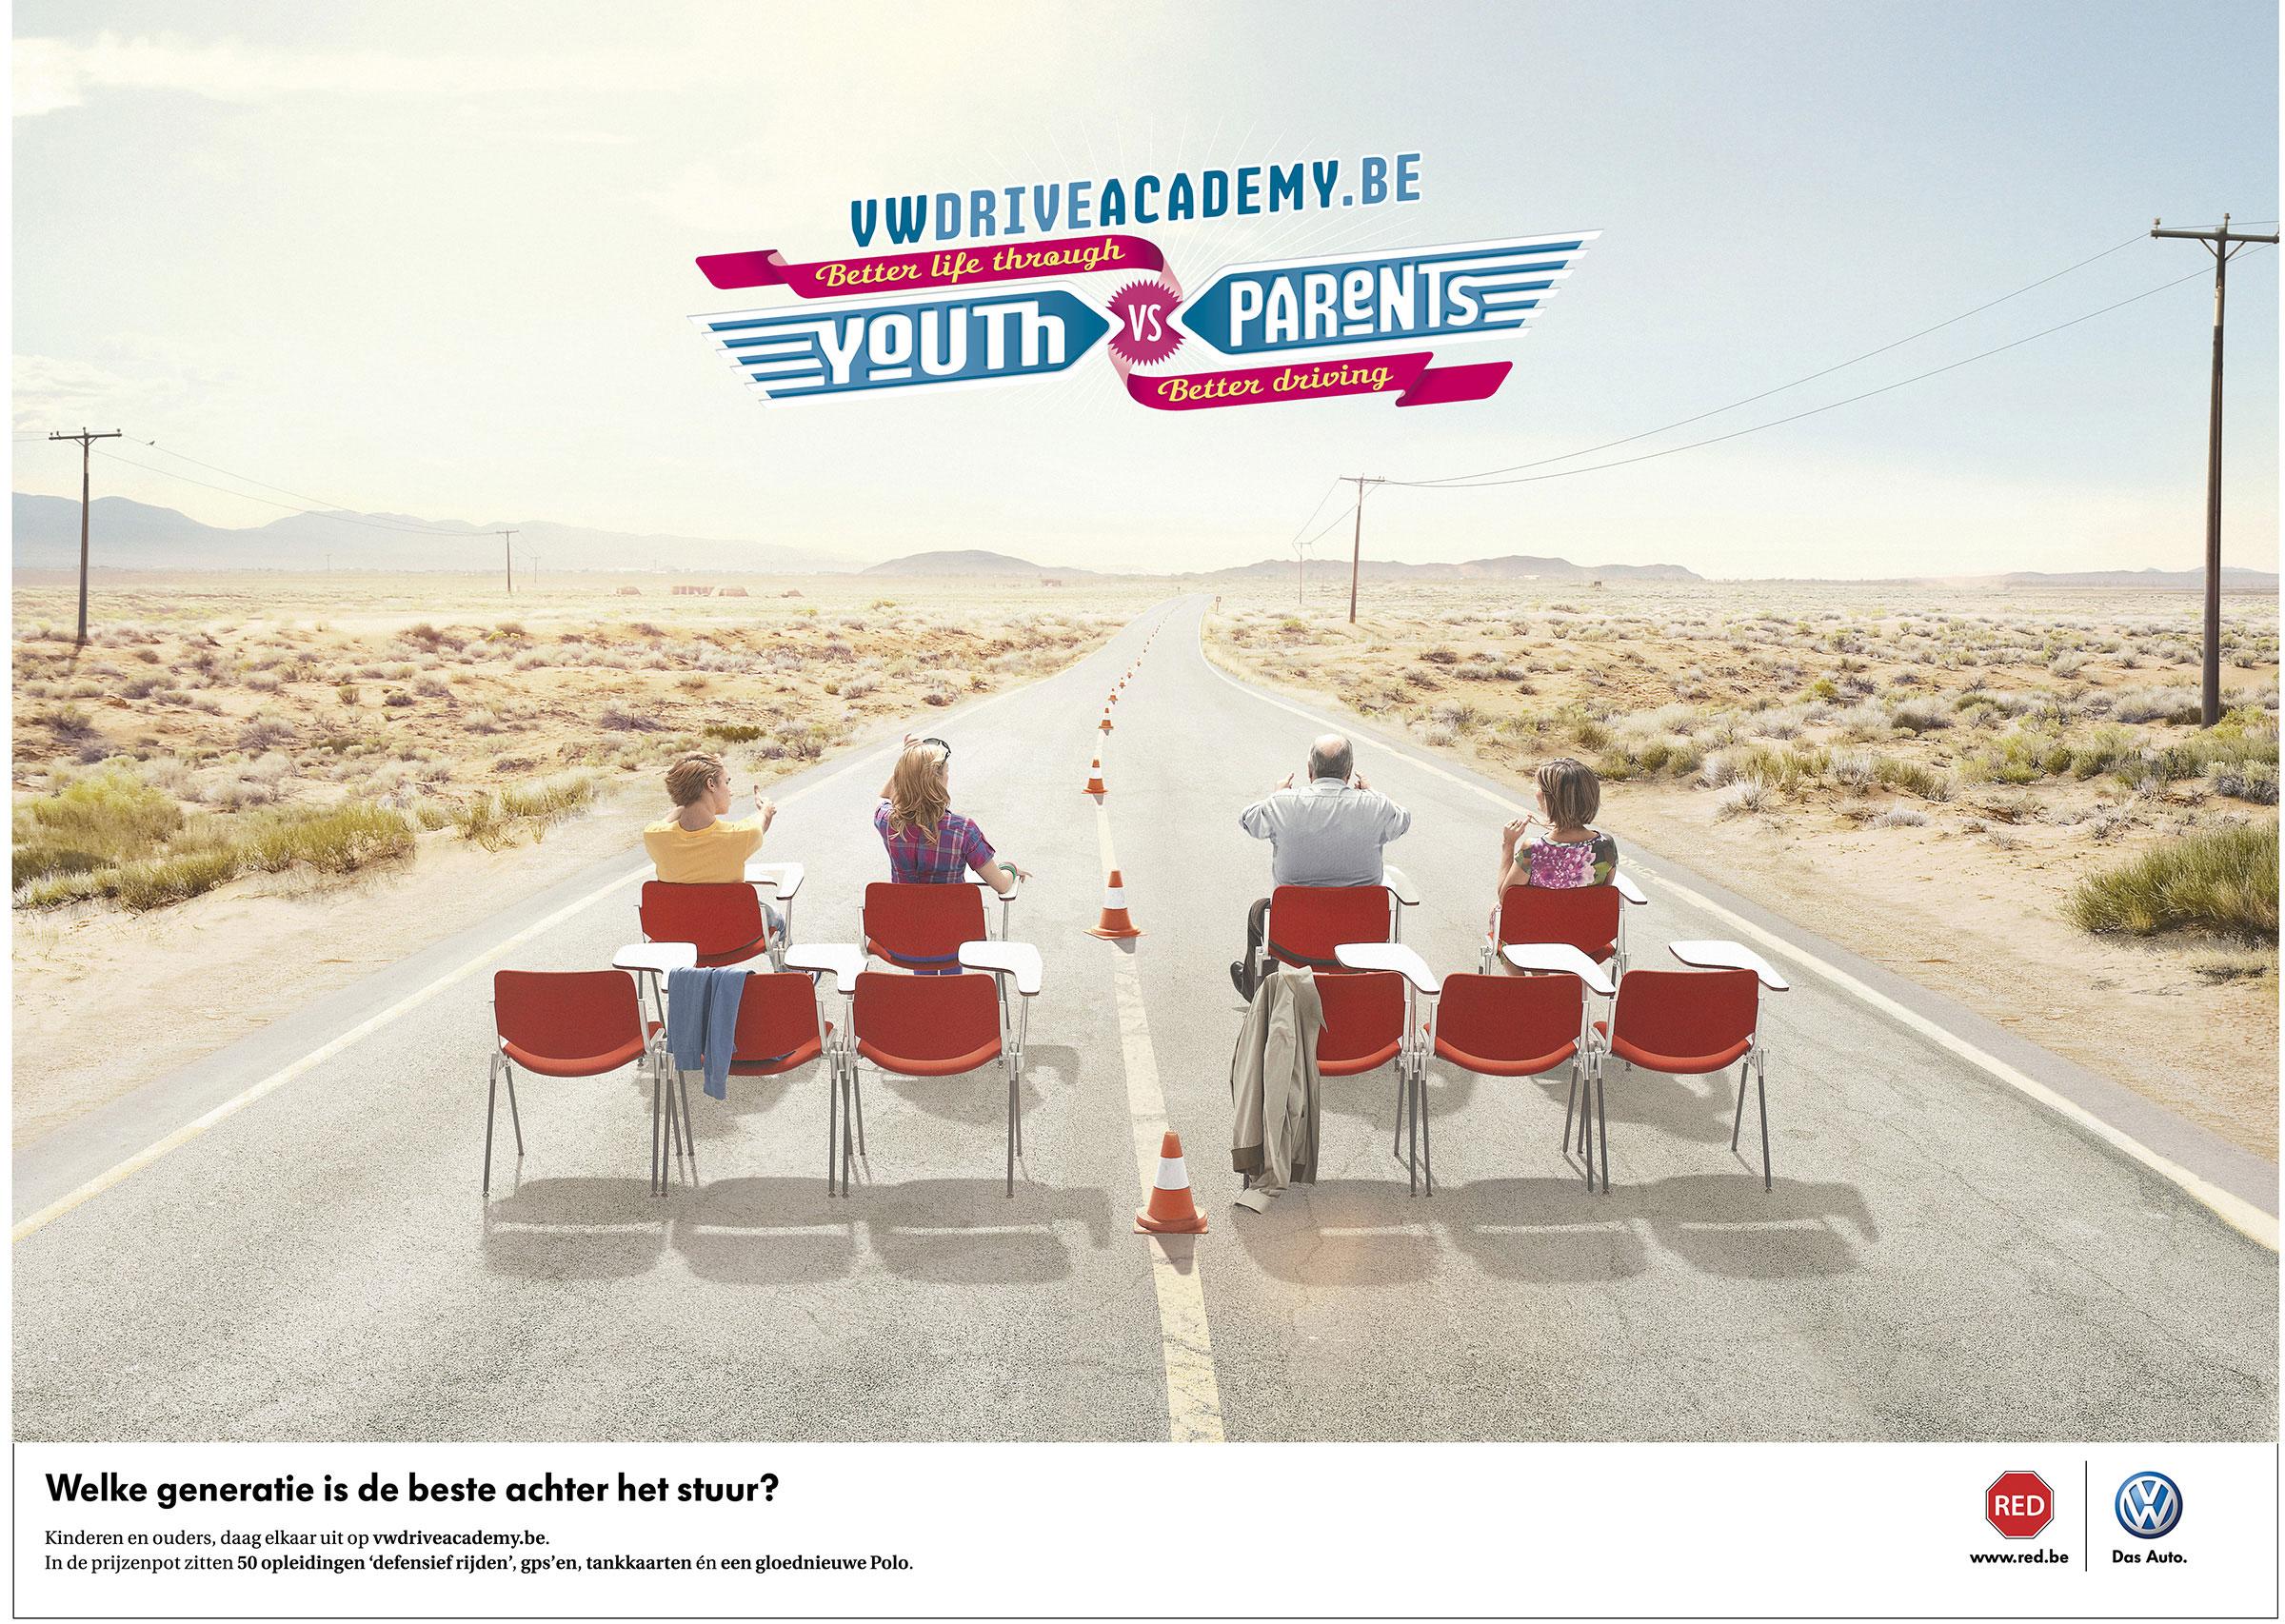 Jeff_VW_Academy